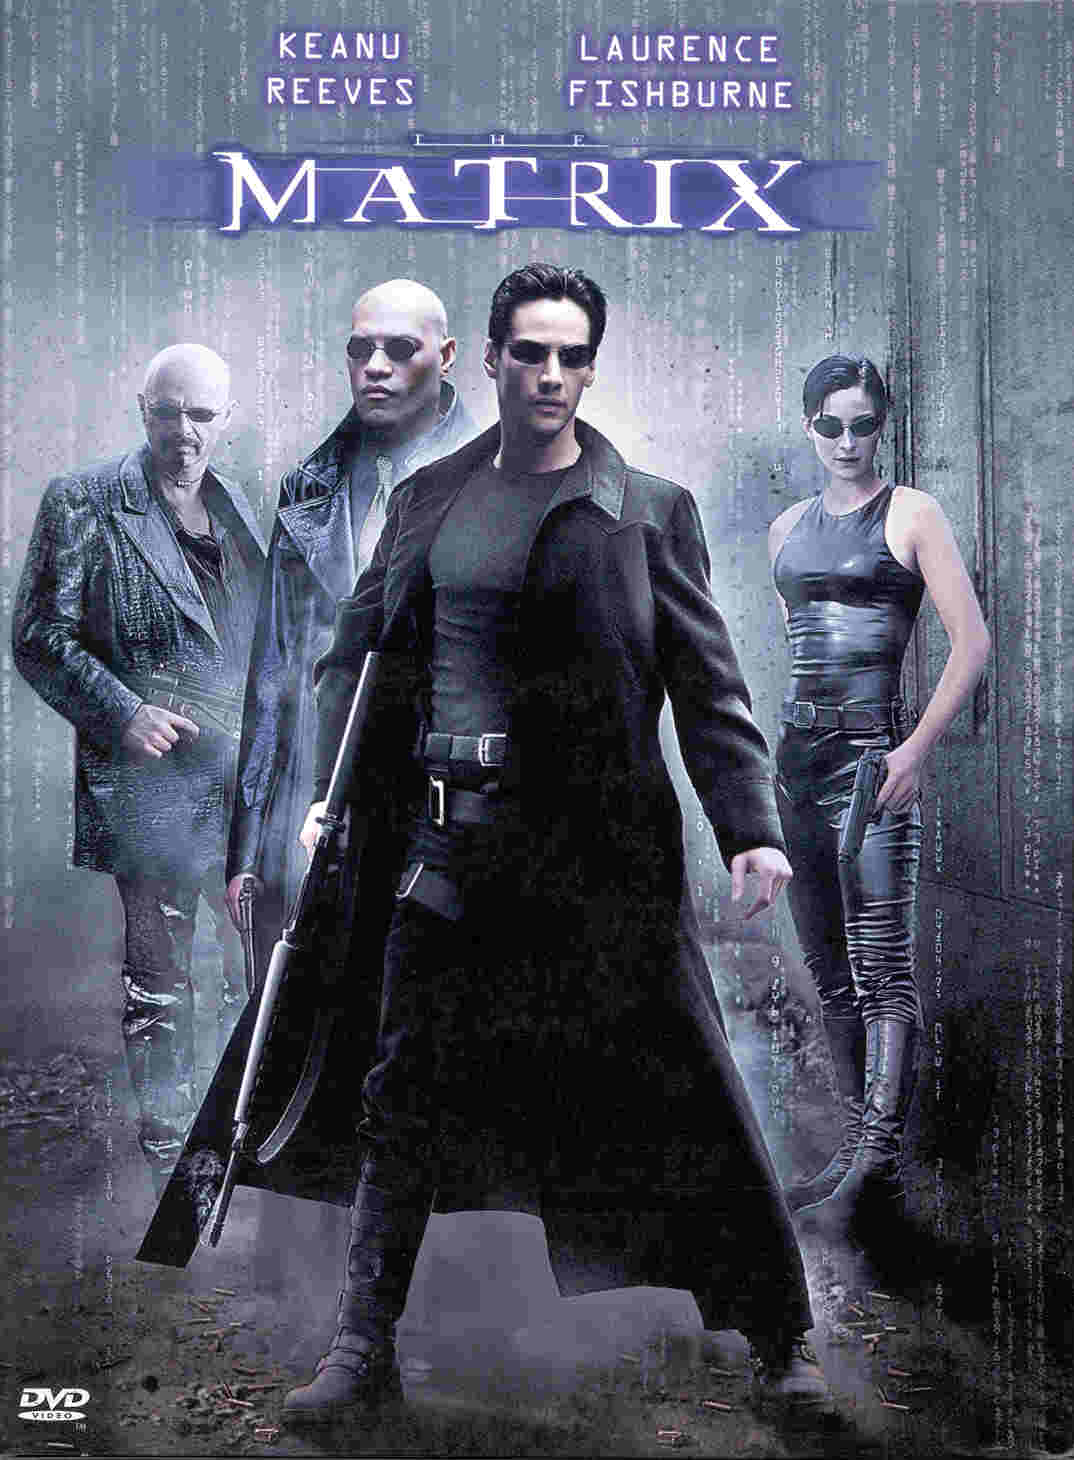 http://2.bp.blogspot.com/-JuSL9qRXUhk/TkE7QxqM_YI/AAAAAAAAArI/3vq40XCqdDg/s1600/matrix_movie1.jpg